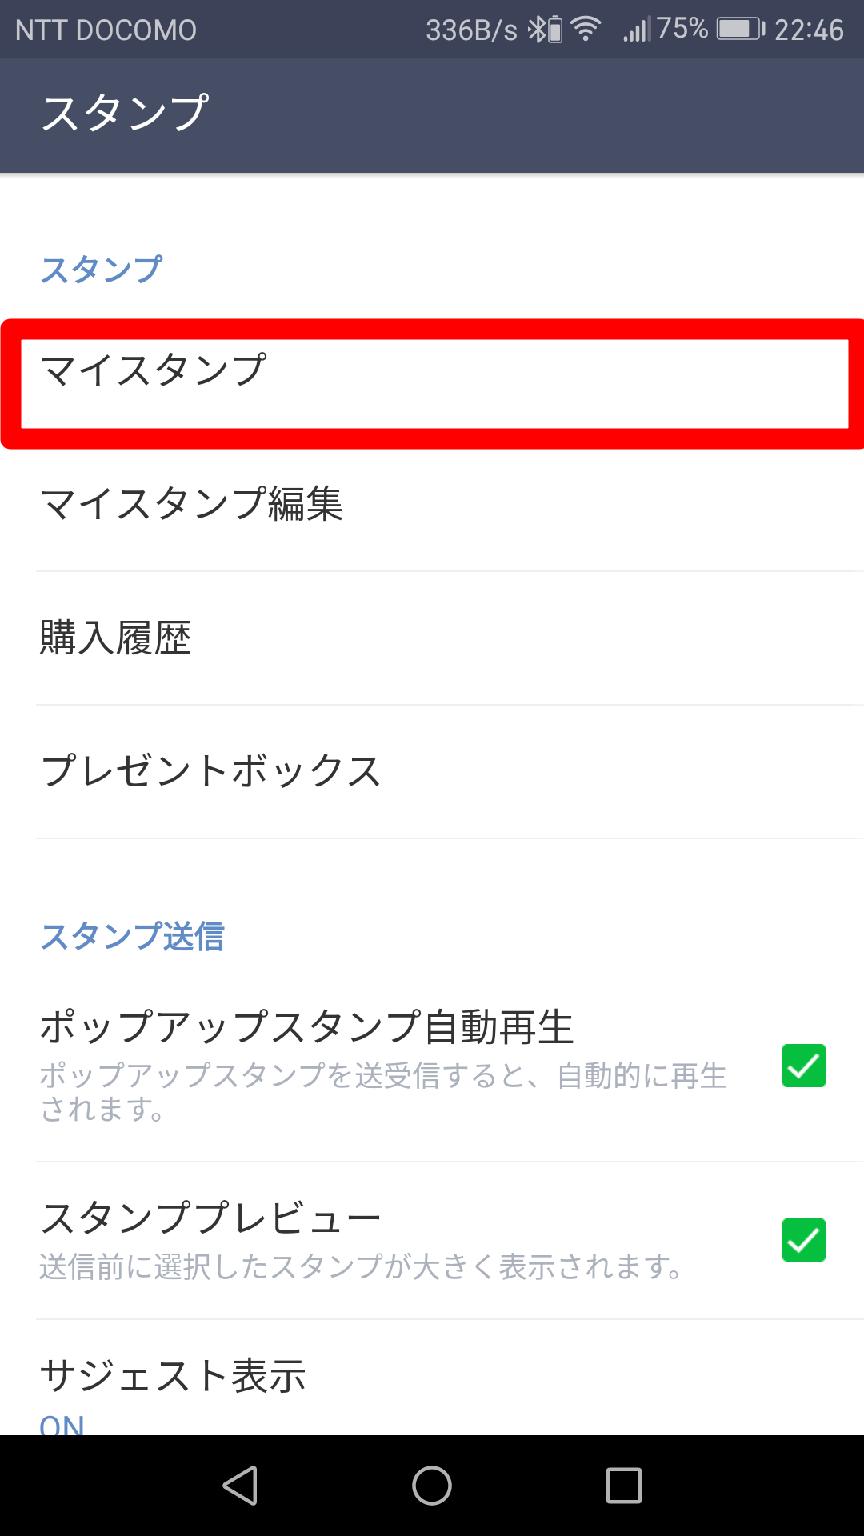 LINEの[スタンプ]画面